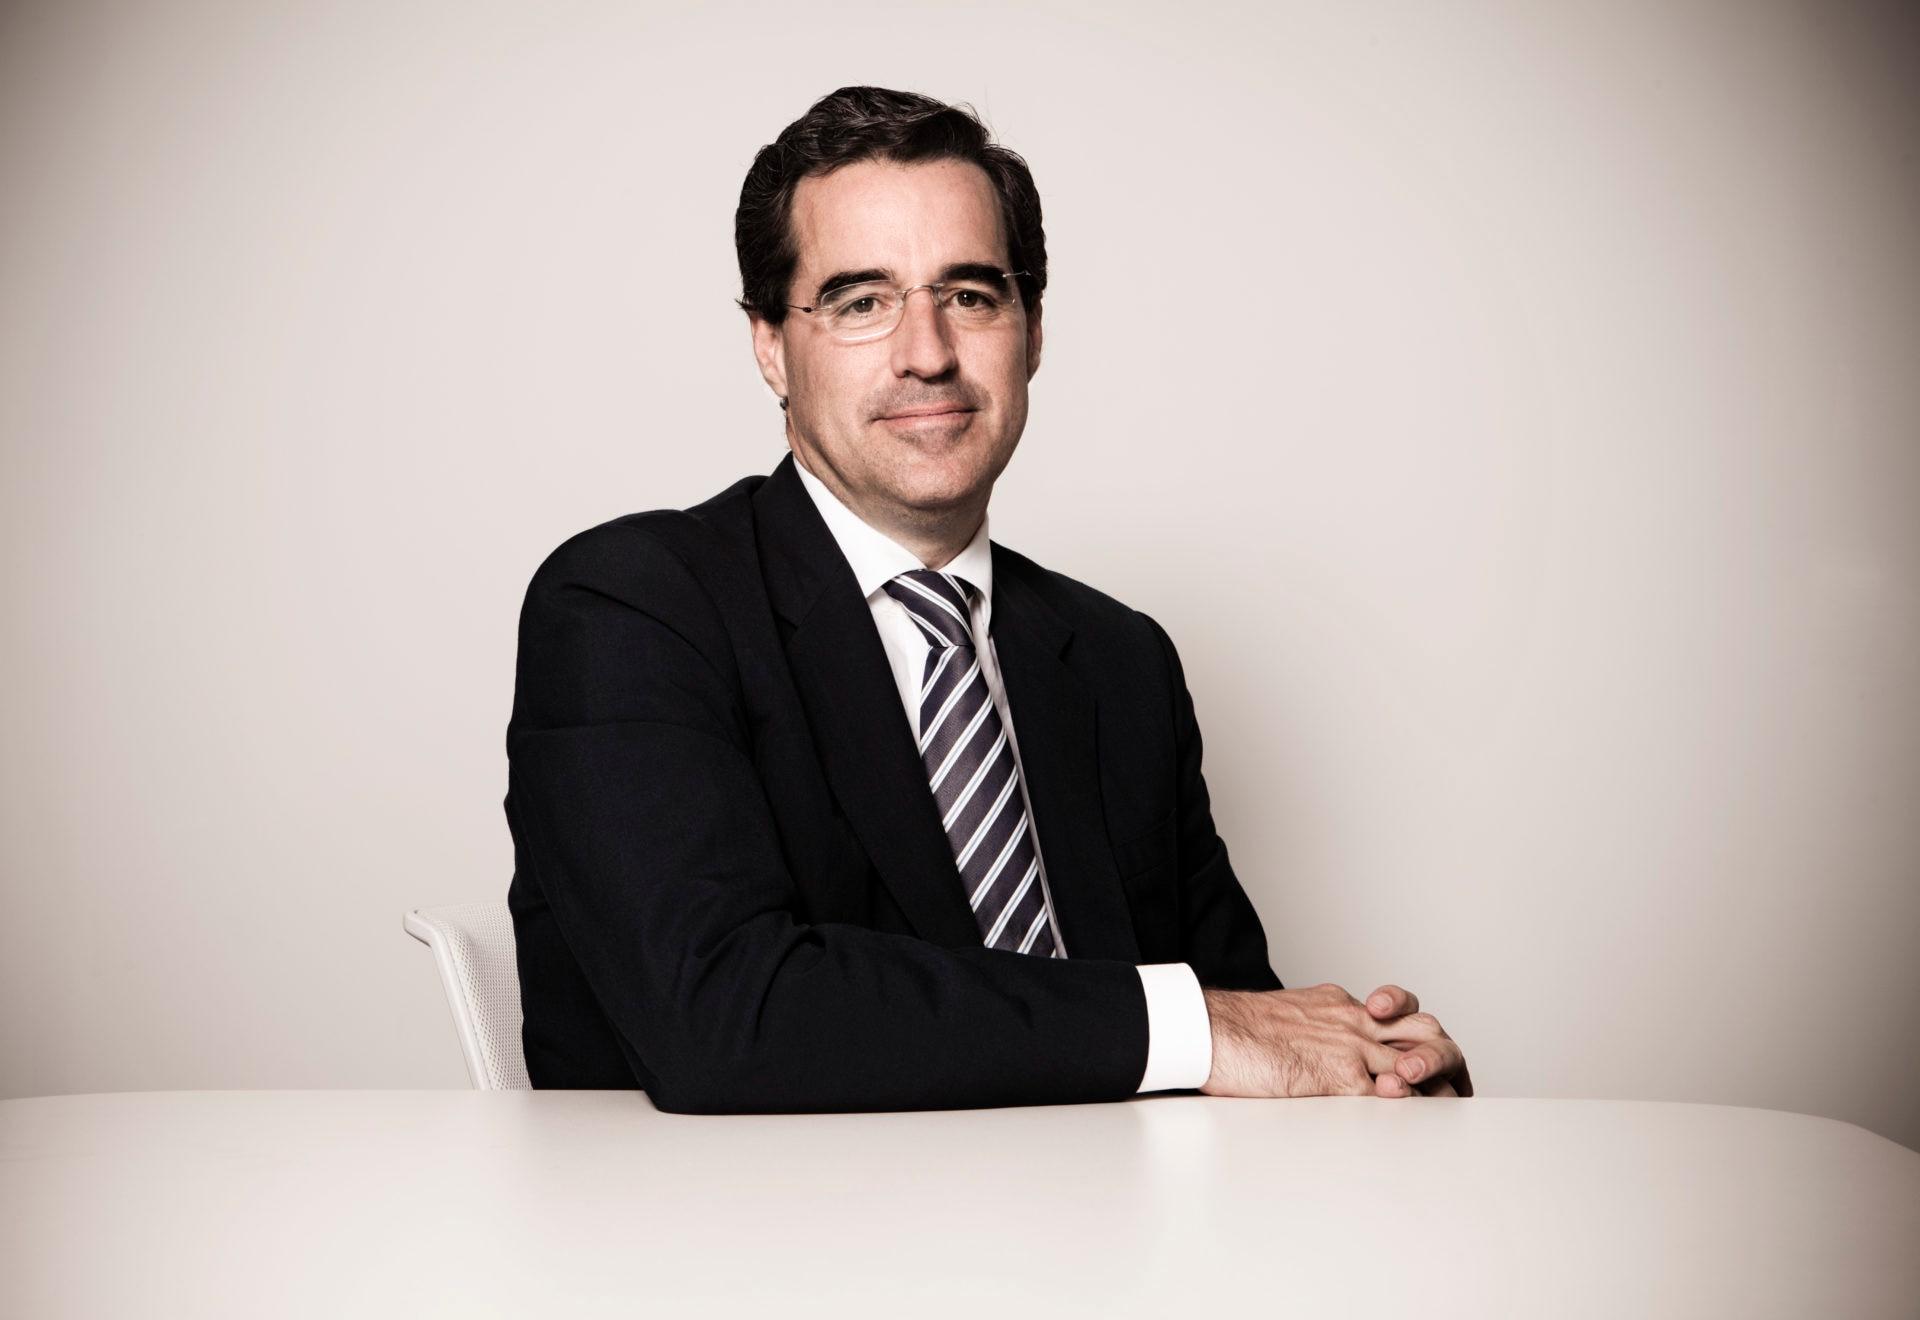 Picture of Jaime Sáenz de Tejada, Finance